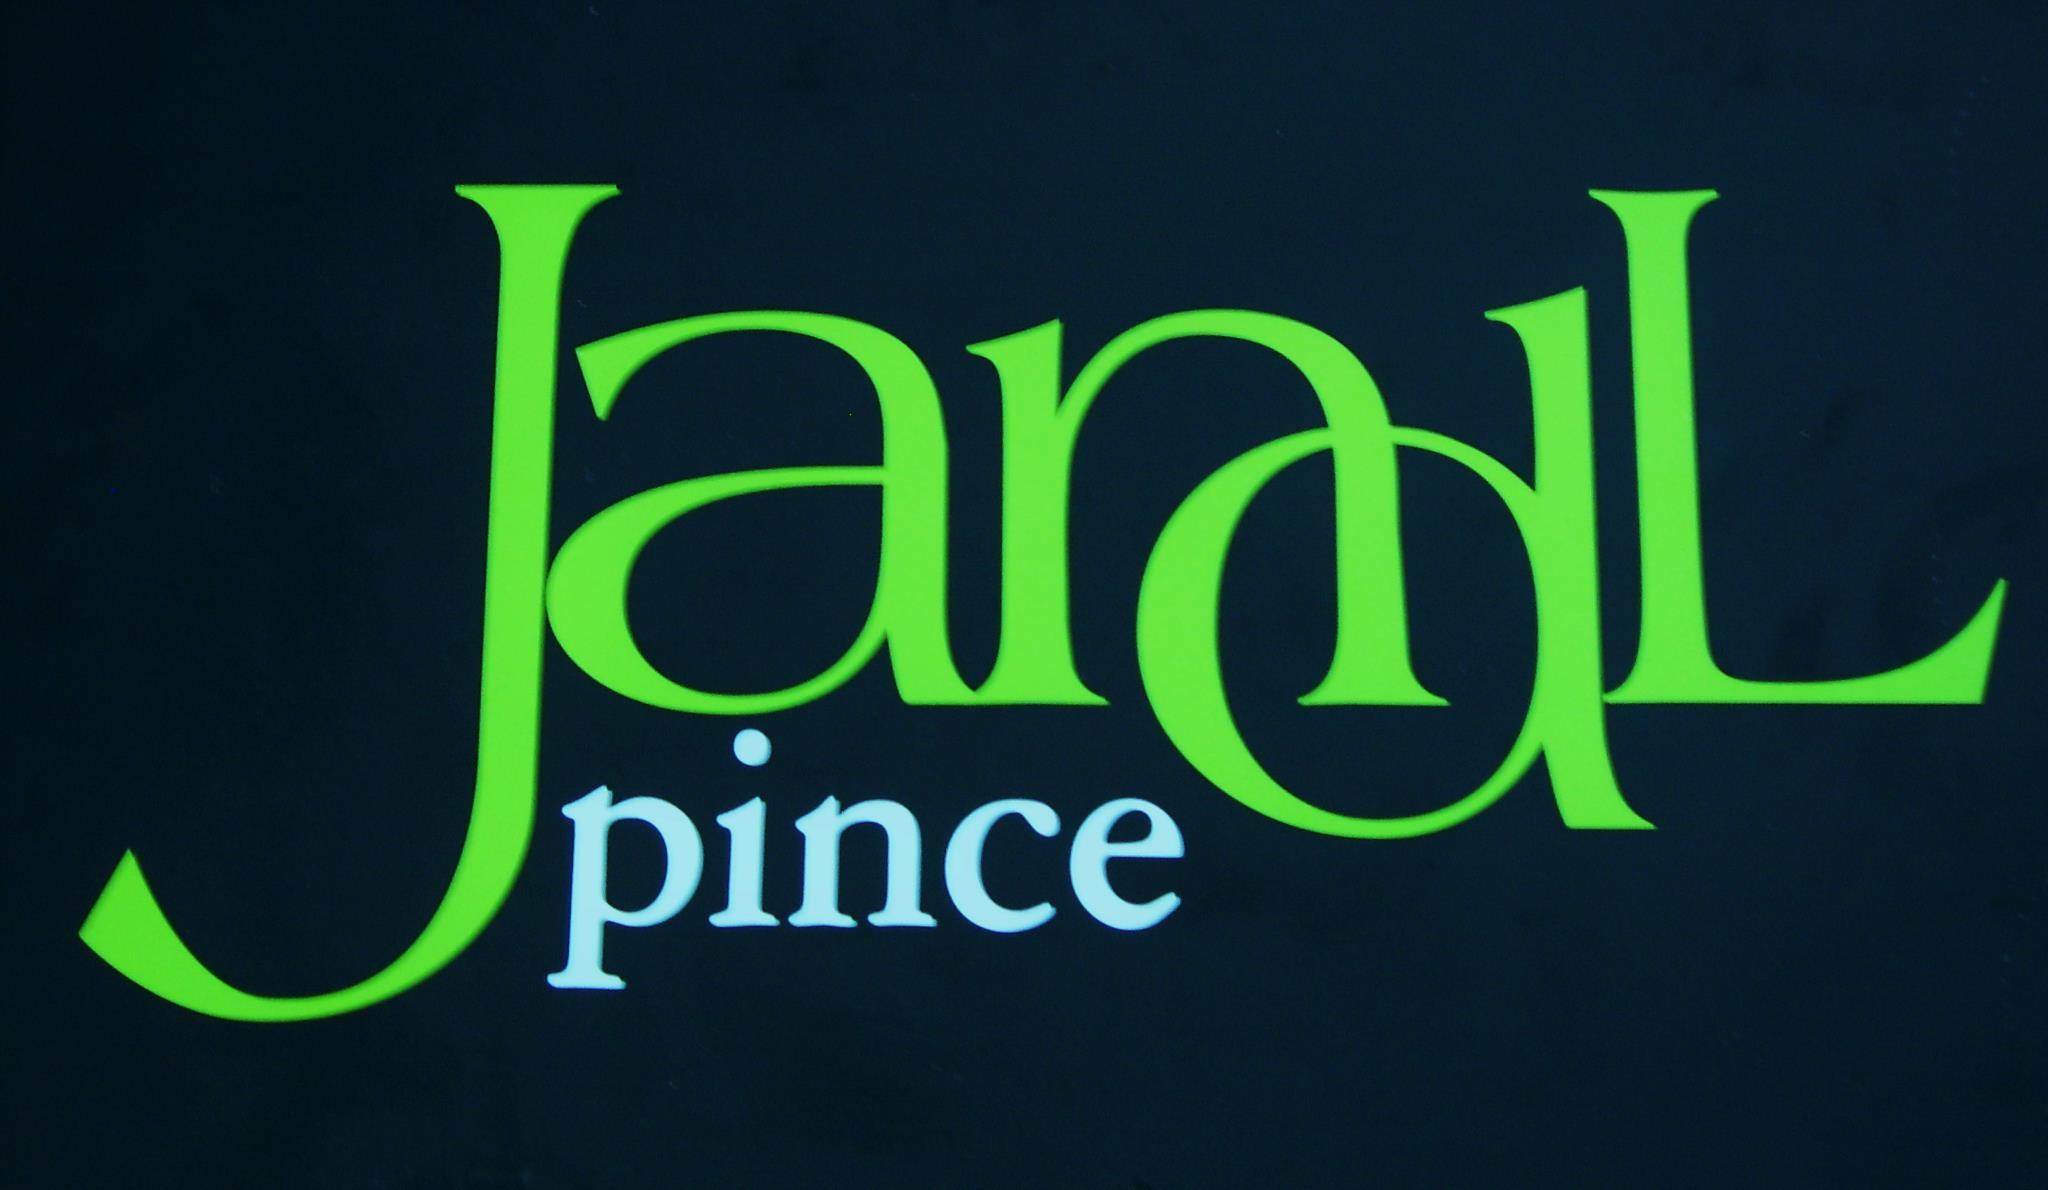 jandl